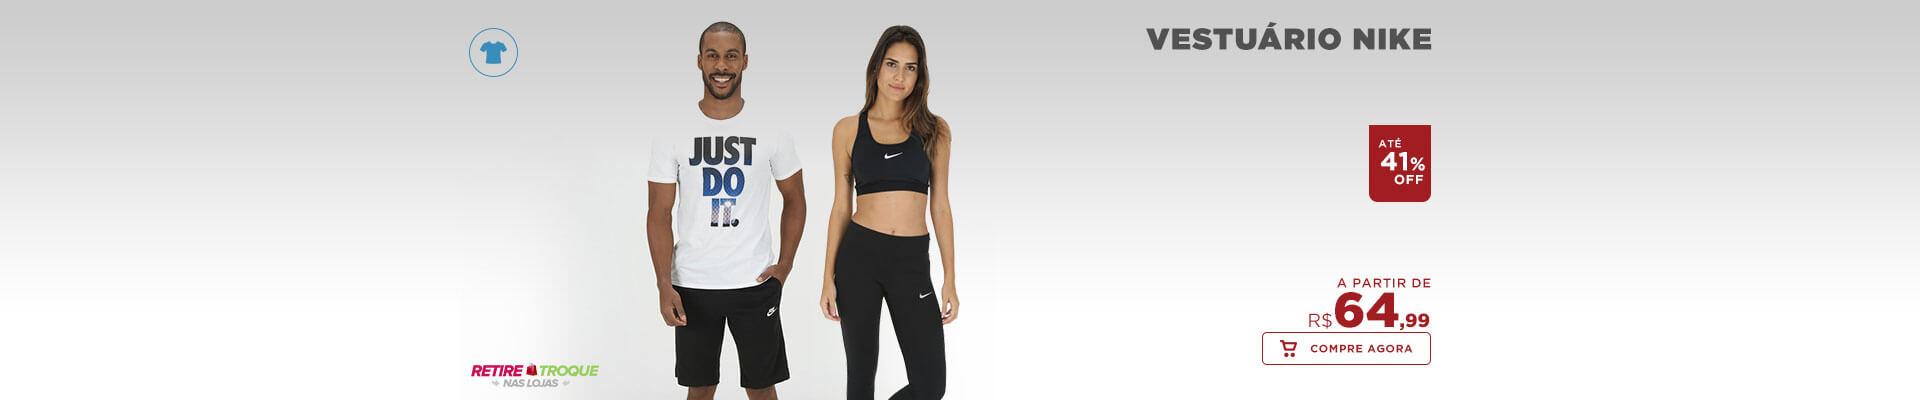 Vestuário Nike